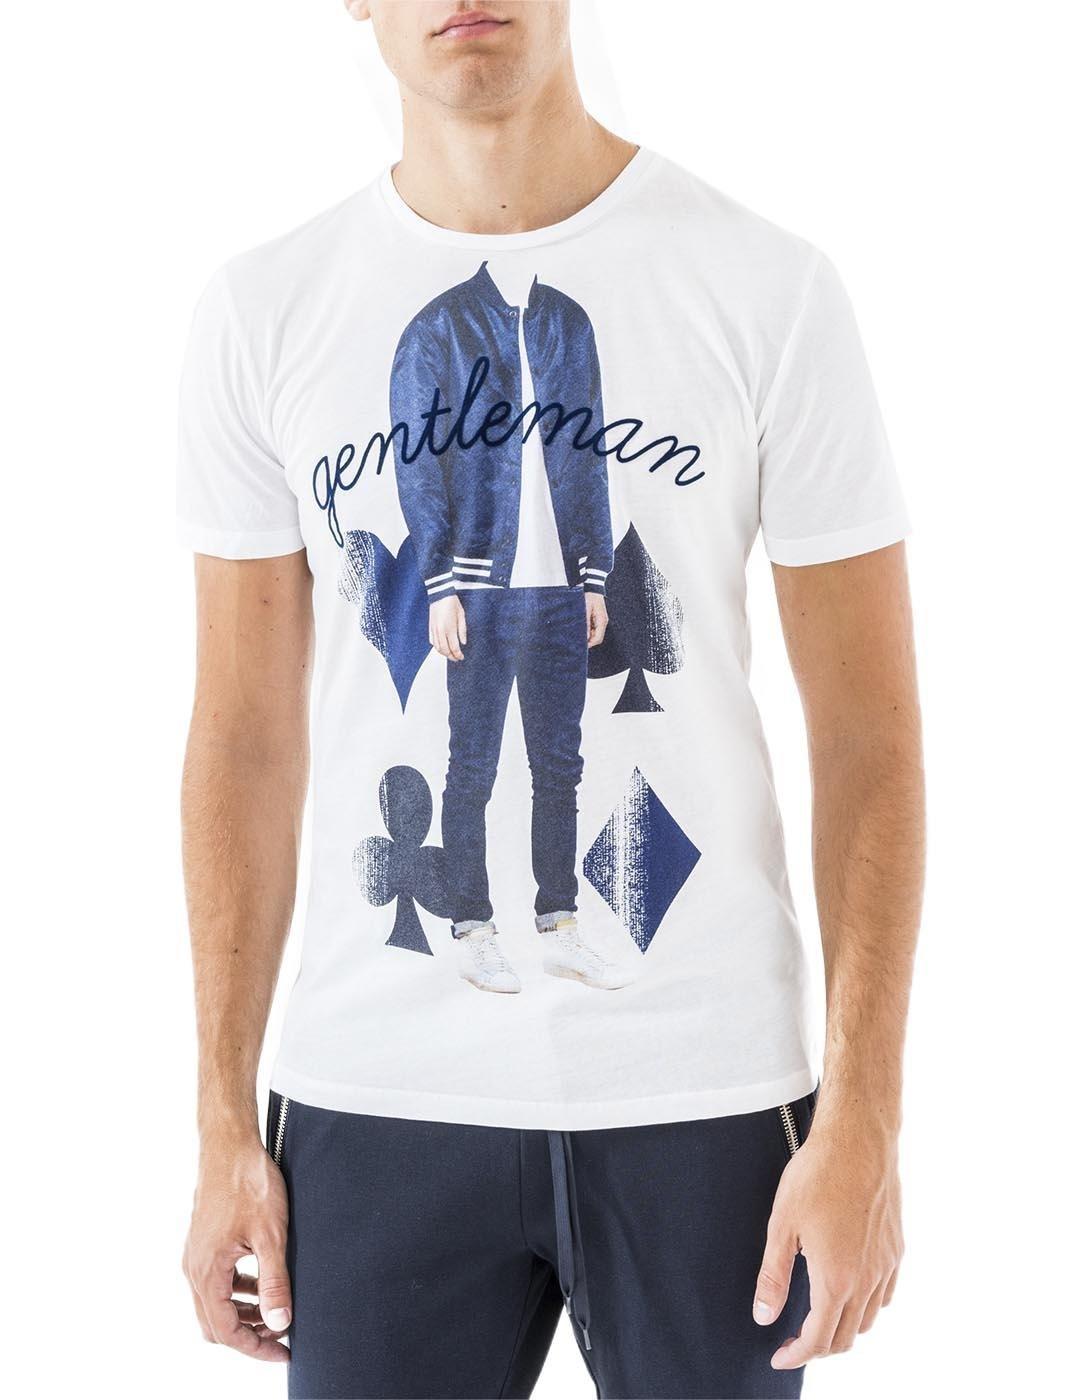 Antony Morato Camiseta Hombre Gentleman